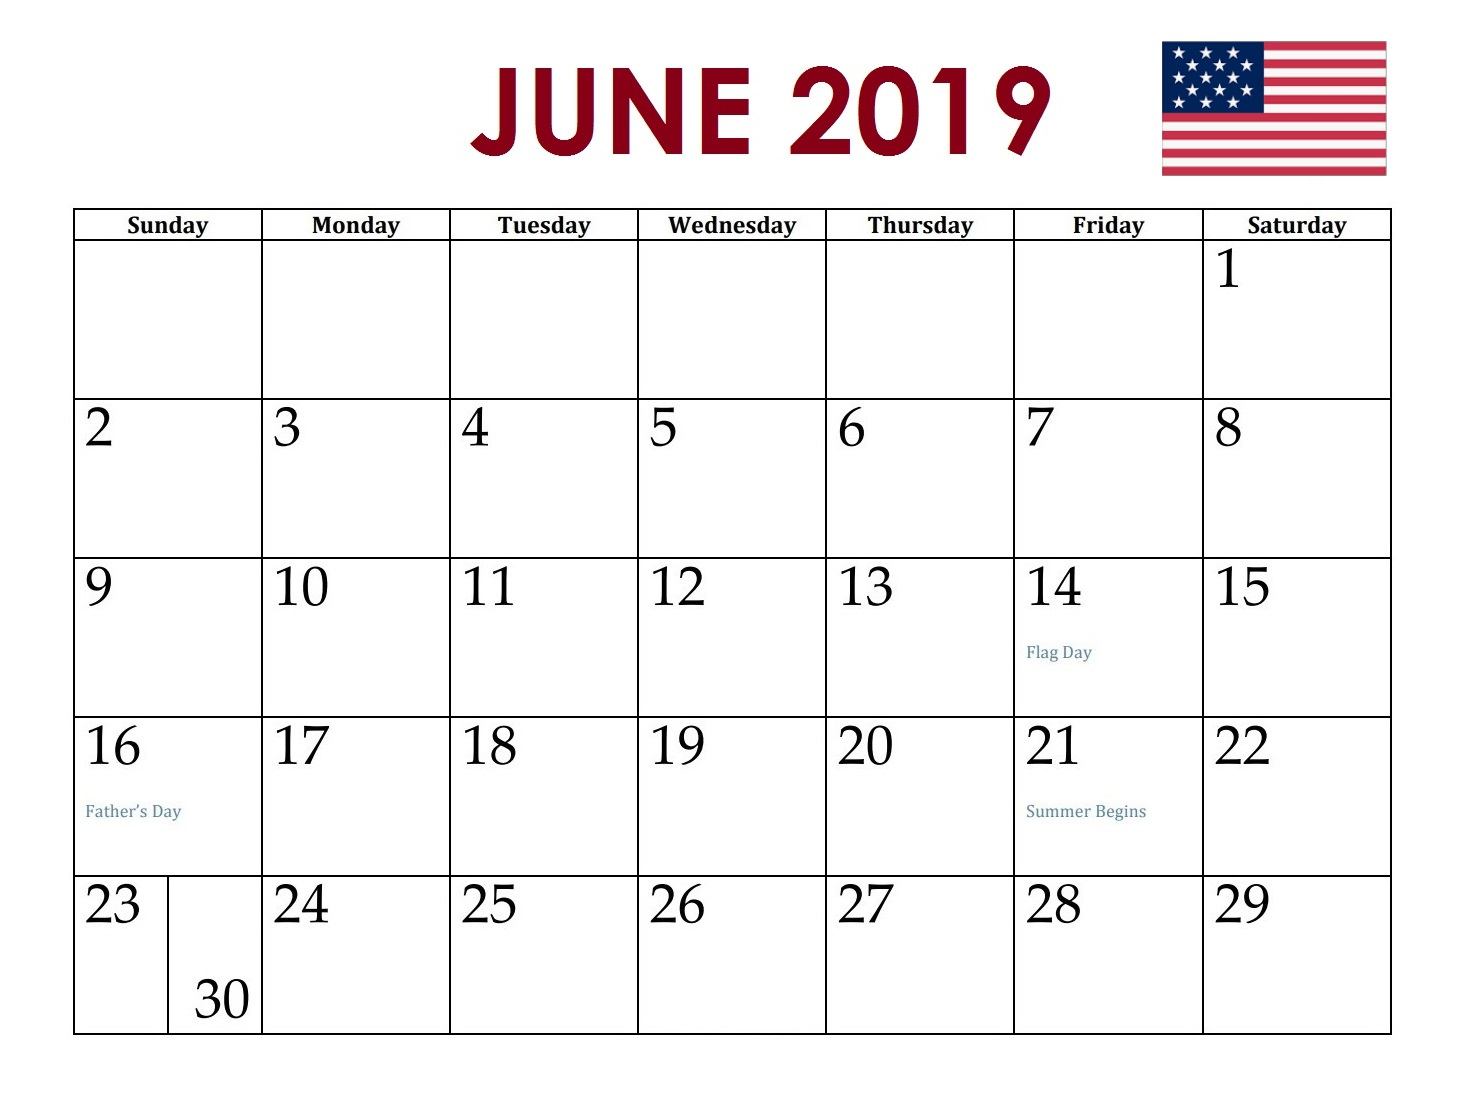 June 2019 USA Holidays Calendar